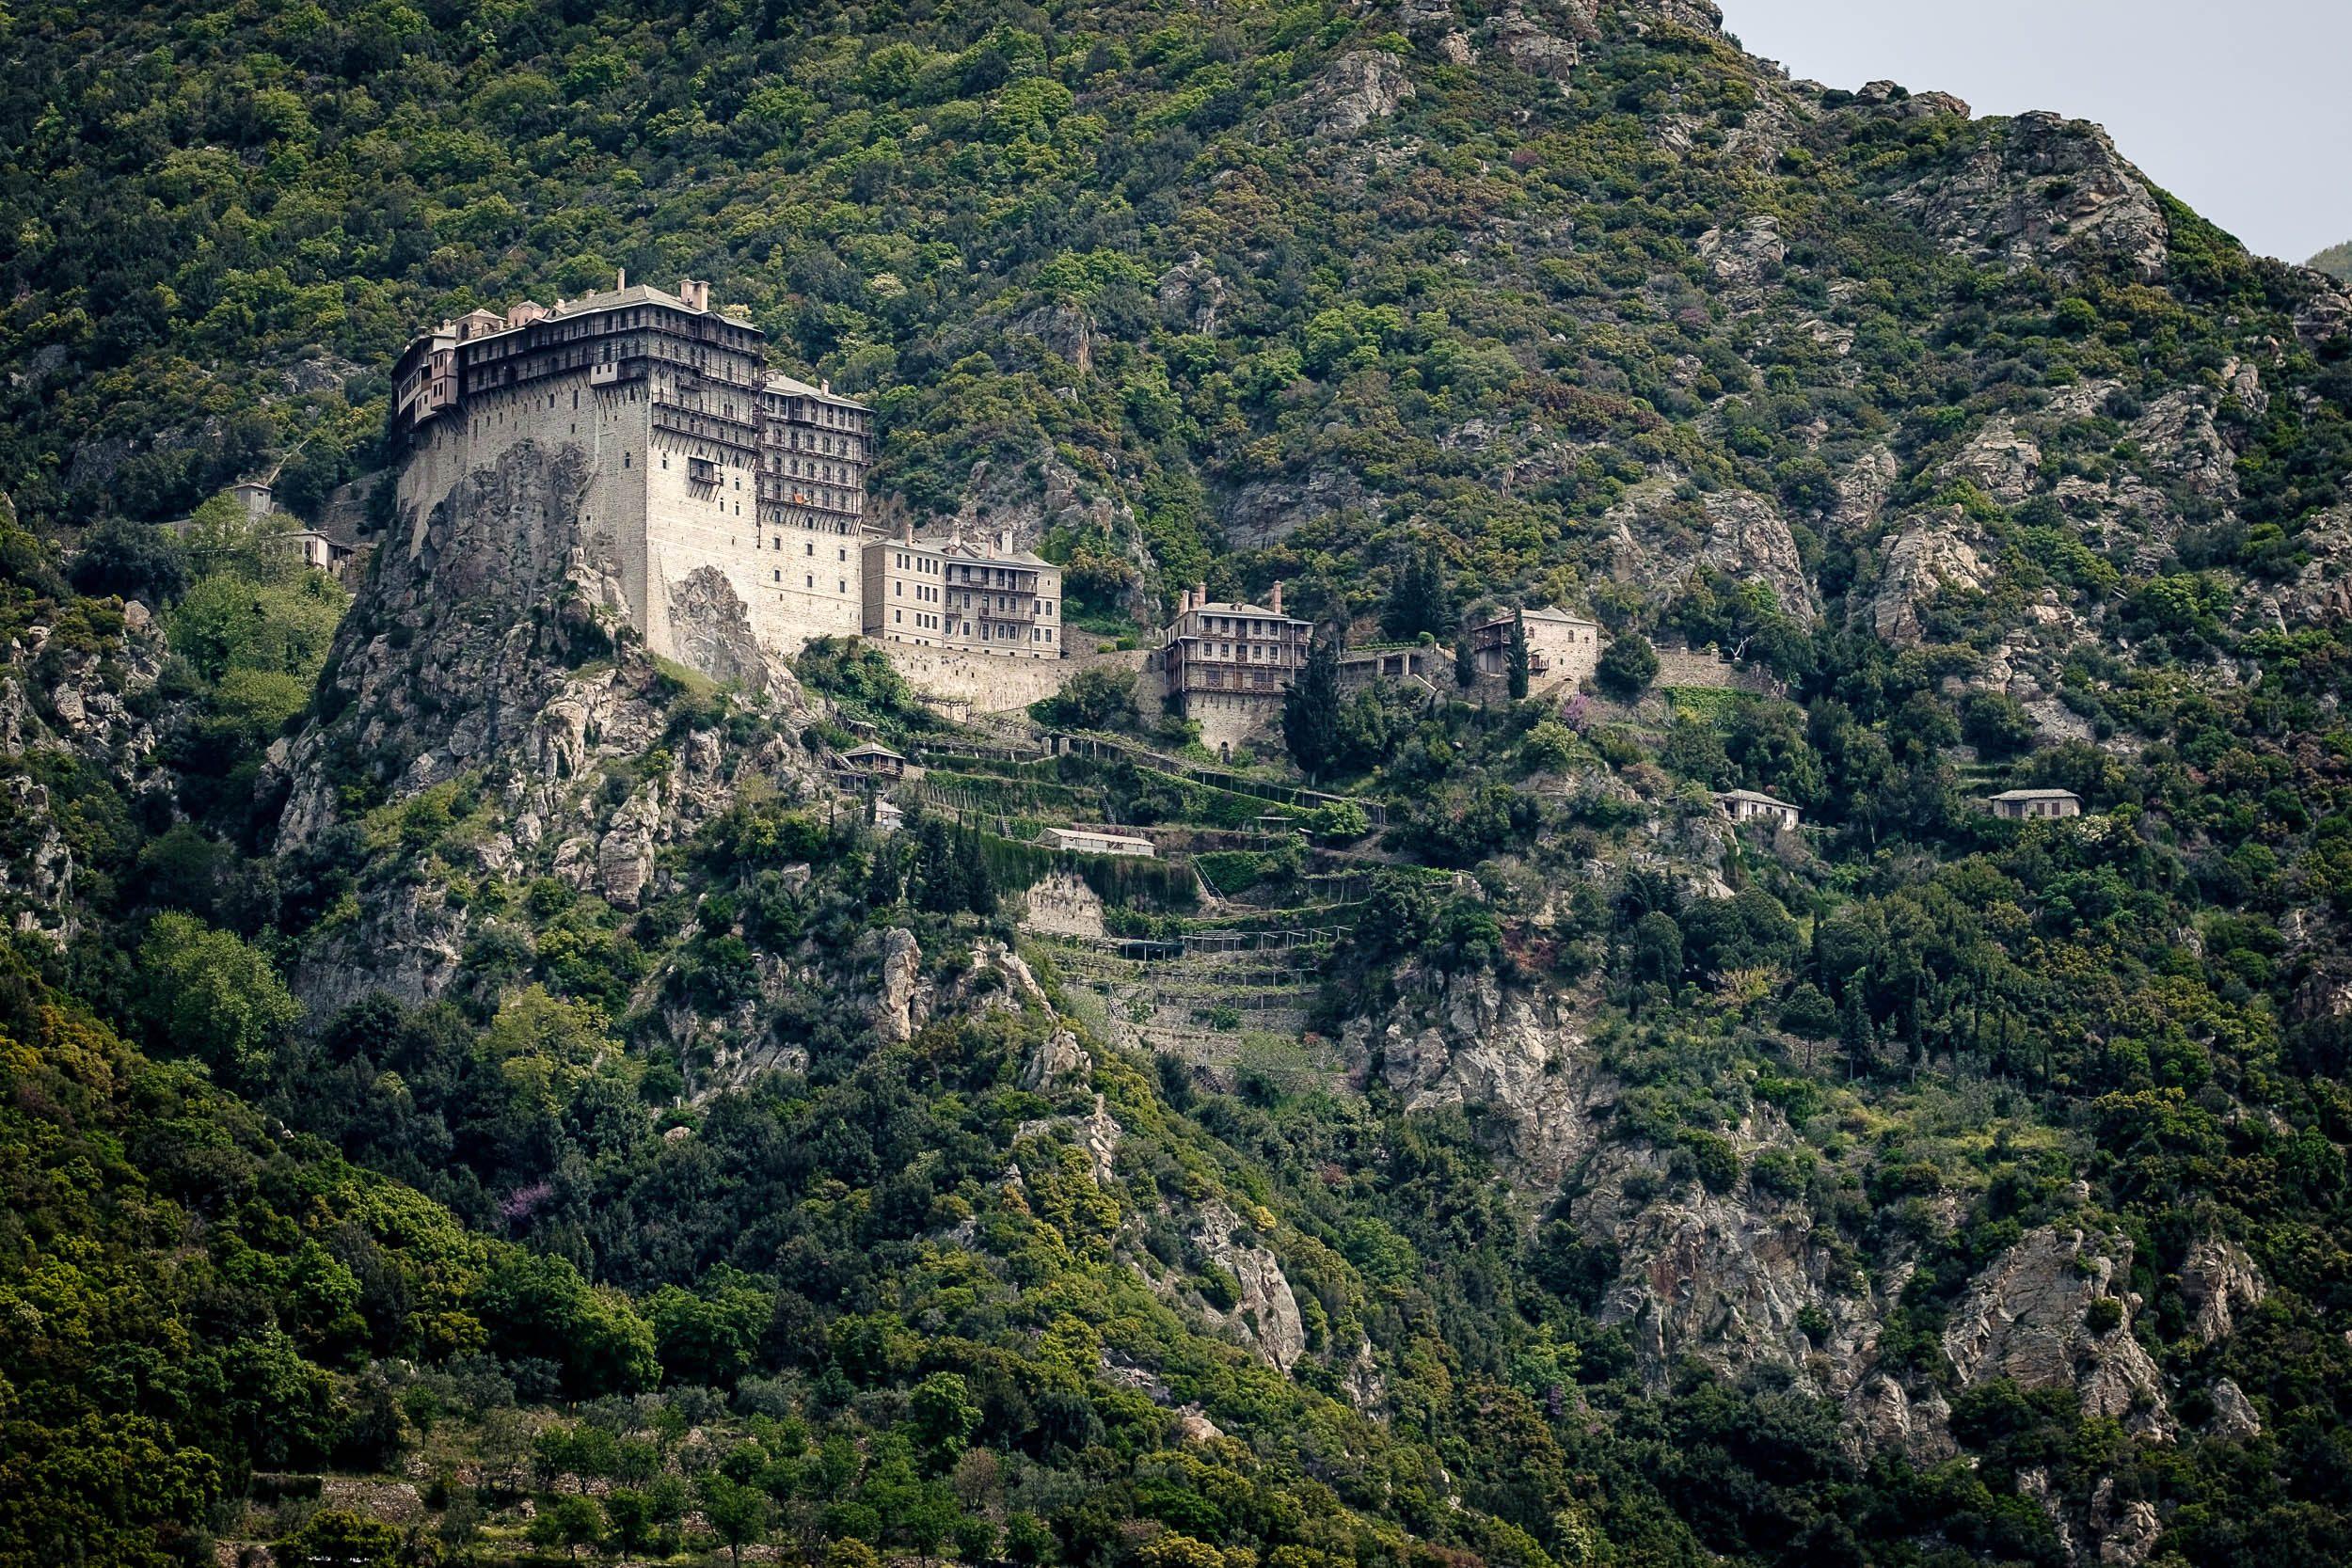 Kloster Simonos Petras Mönchsrepublik Athos, Griechenland, Ägäis